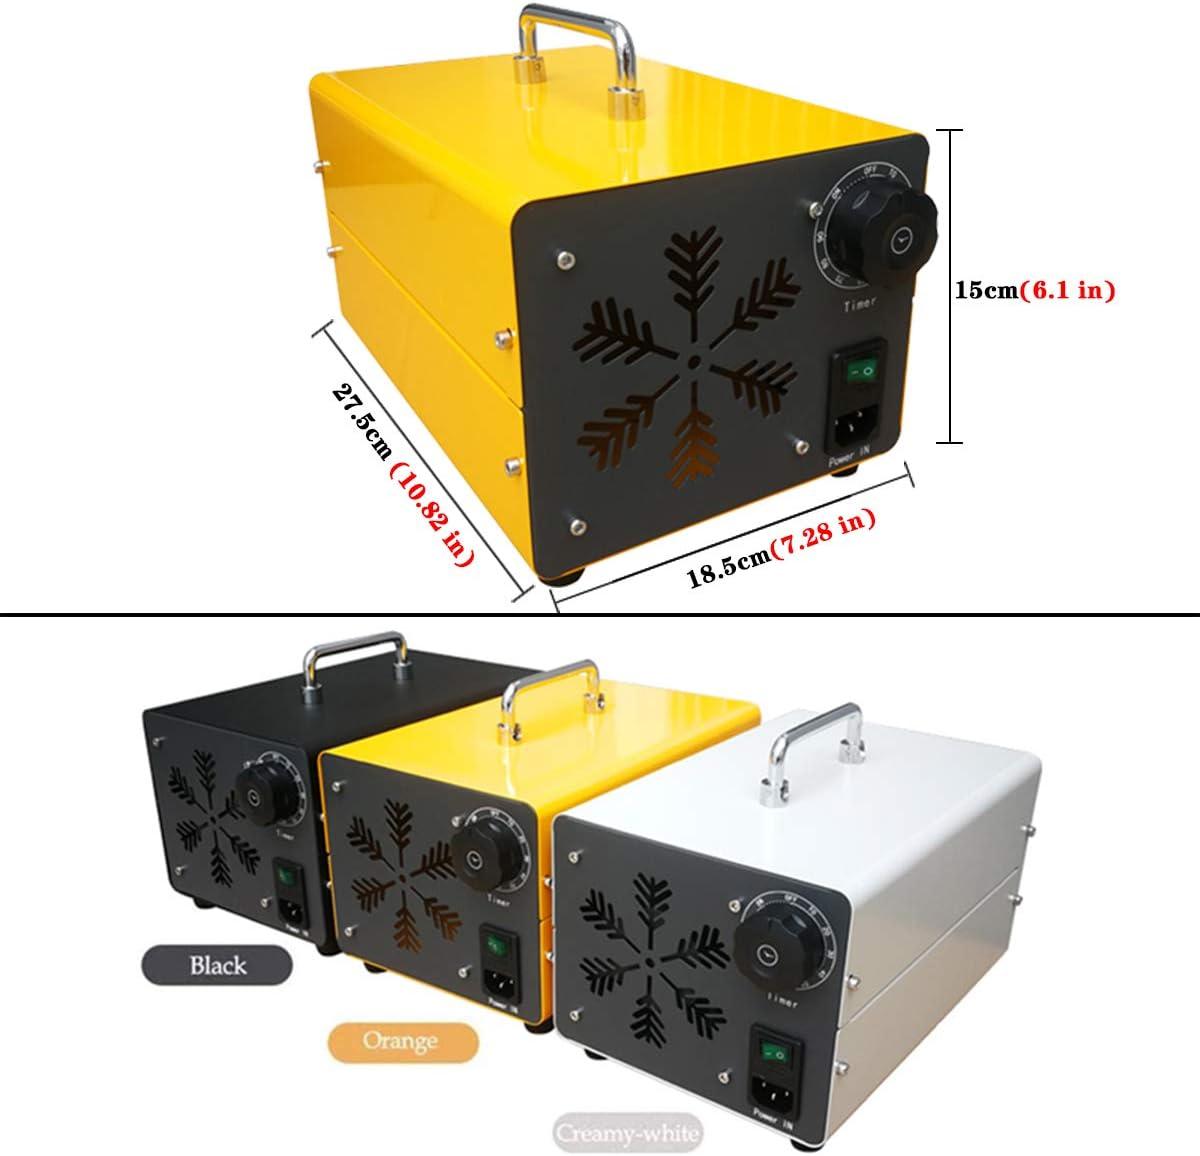 fumo e fatto Ozonizzatore 20000GMG//h Generatore di ozono Home purificatore dAria ozono industriale purificatore daria con timer per camere hotel automobili animali domestici